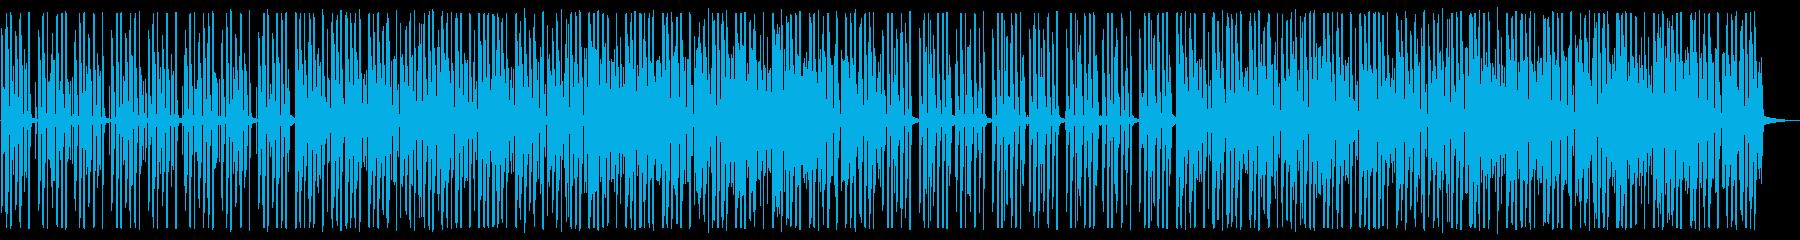 アーバン/優しさ/R&B_No468_1の再生済みの波形